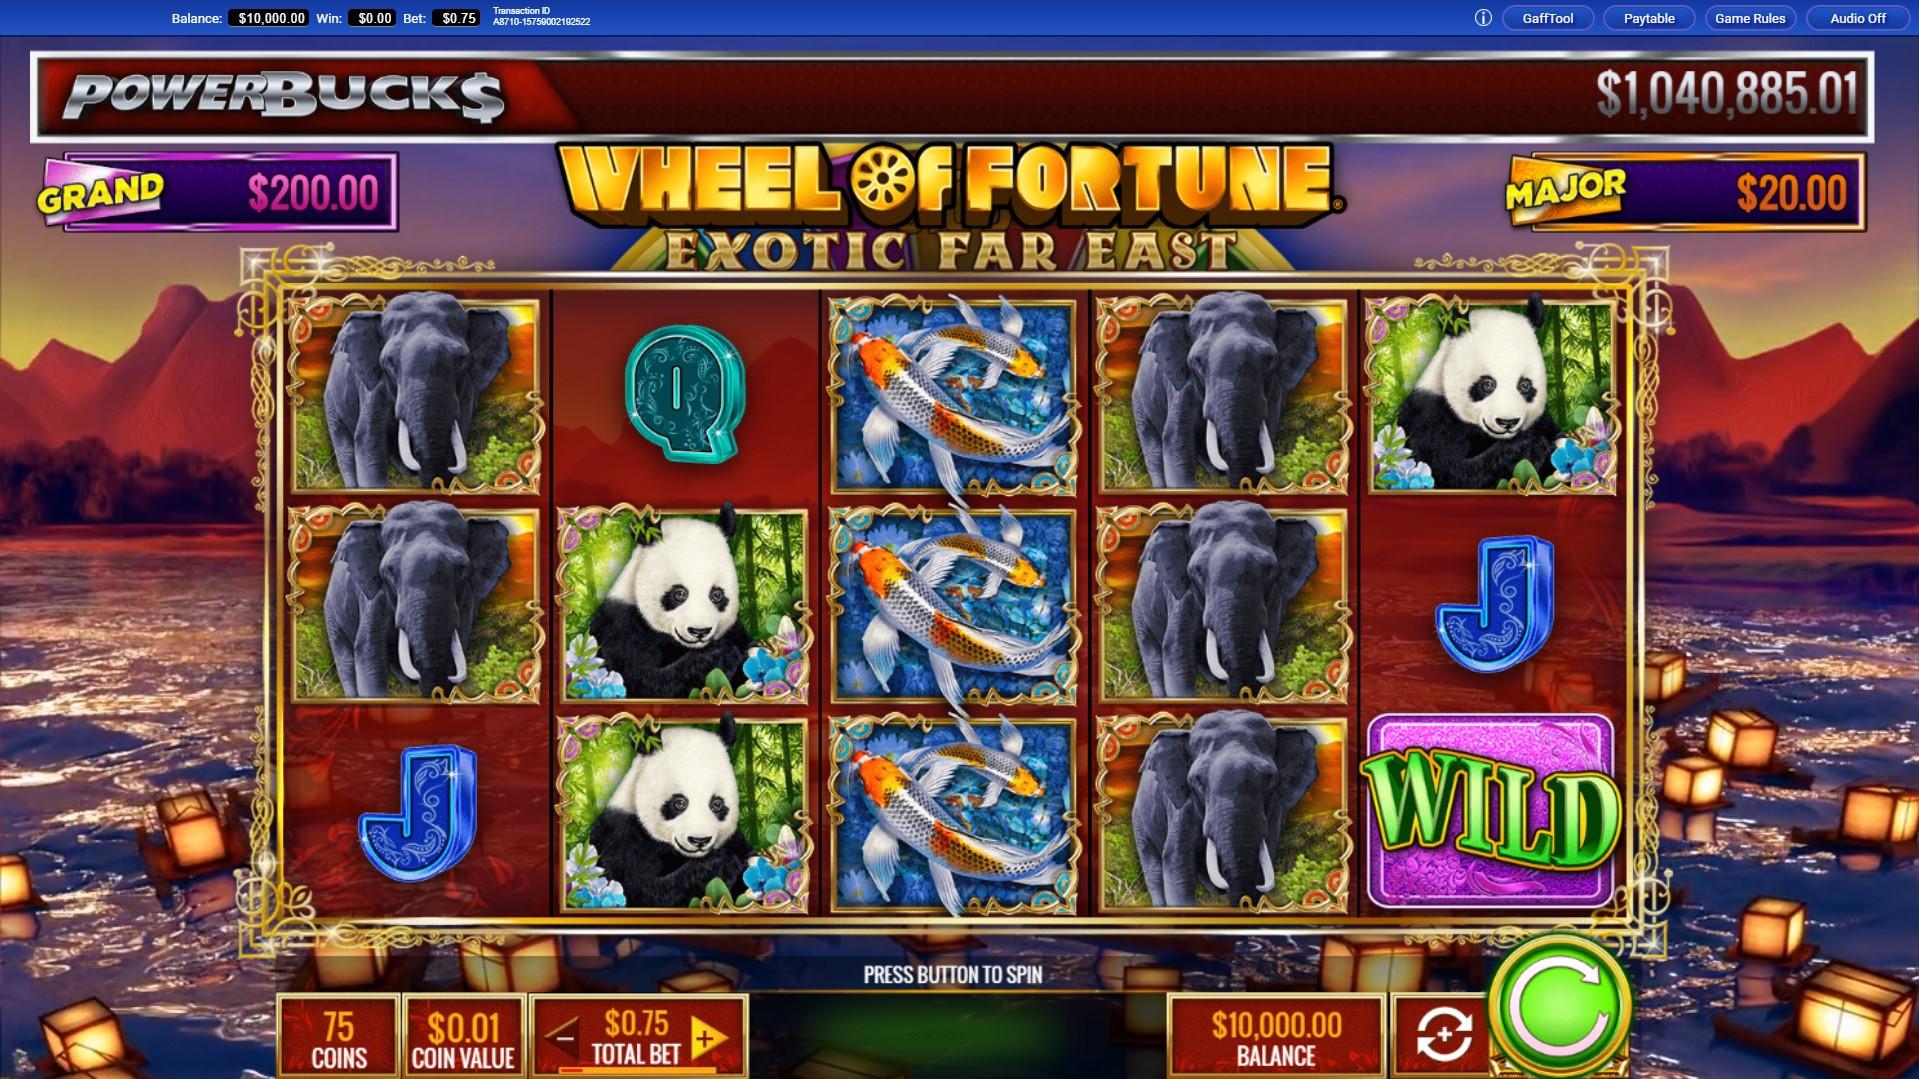 Powerbucks Wheel Of Fortune Exotic Far East Slot Free Demo